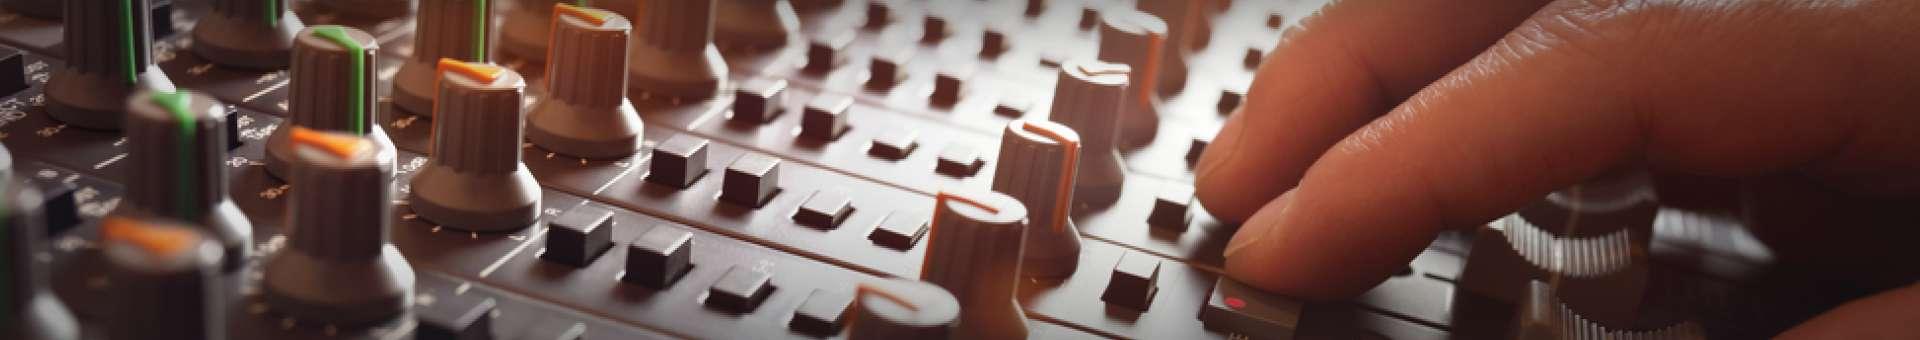 Búsqueda de información Whois de nombres de dominios  .audio